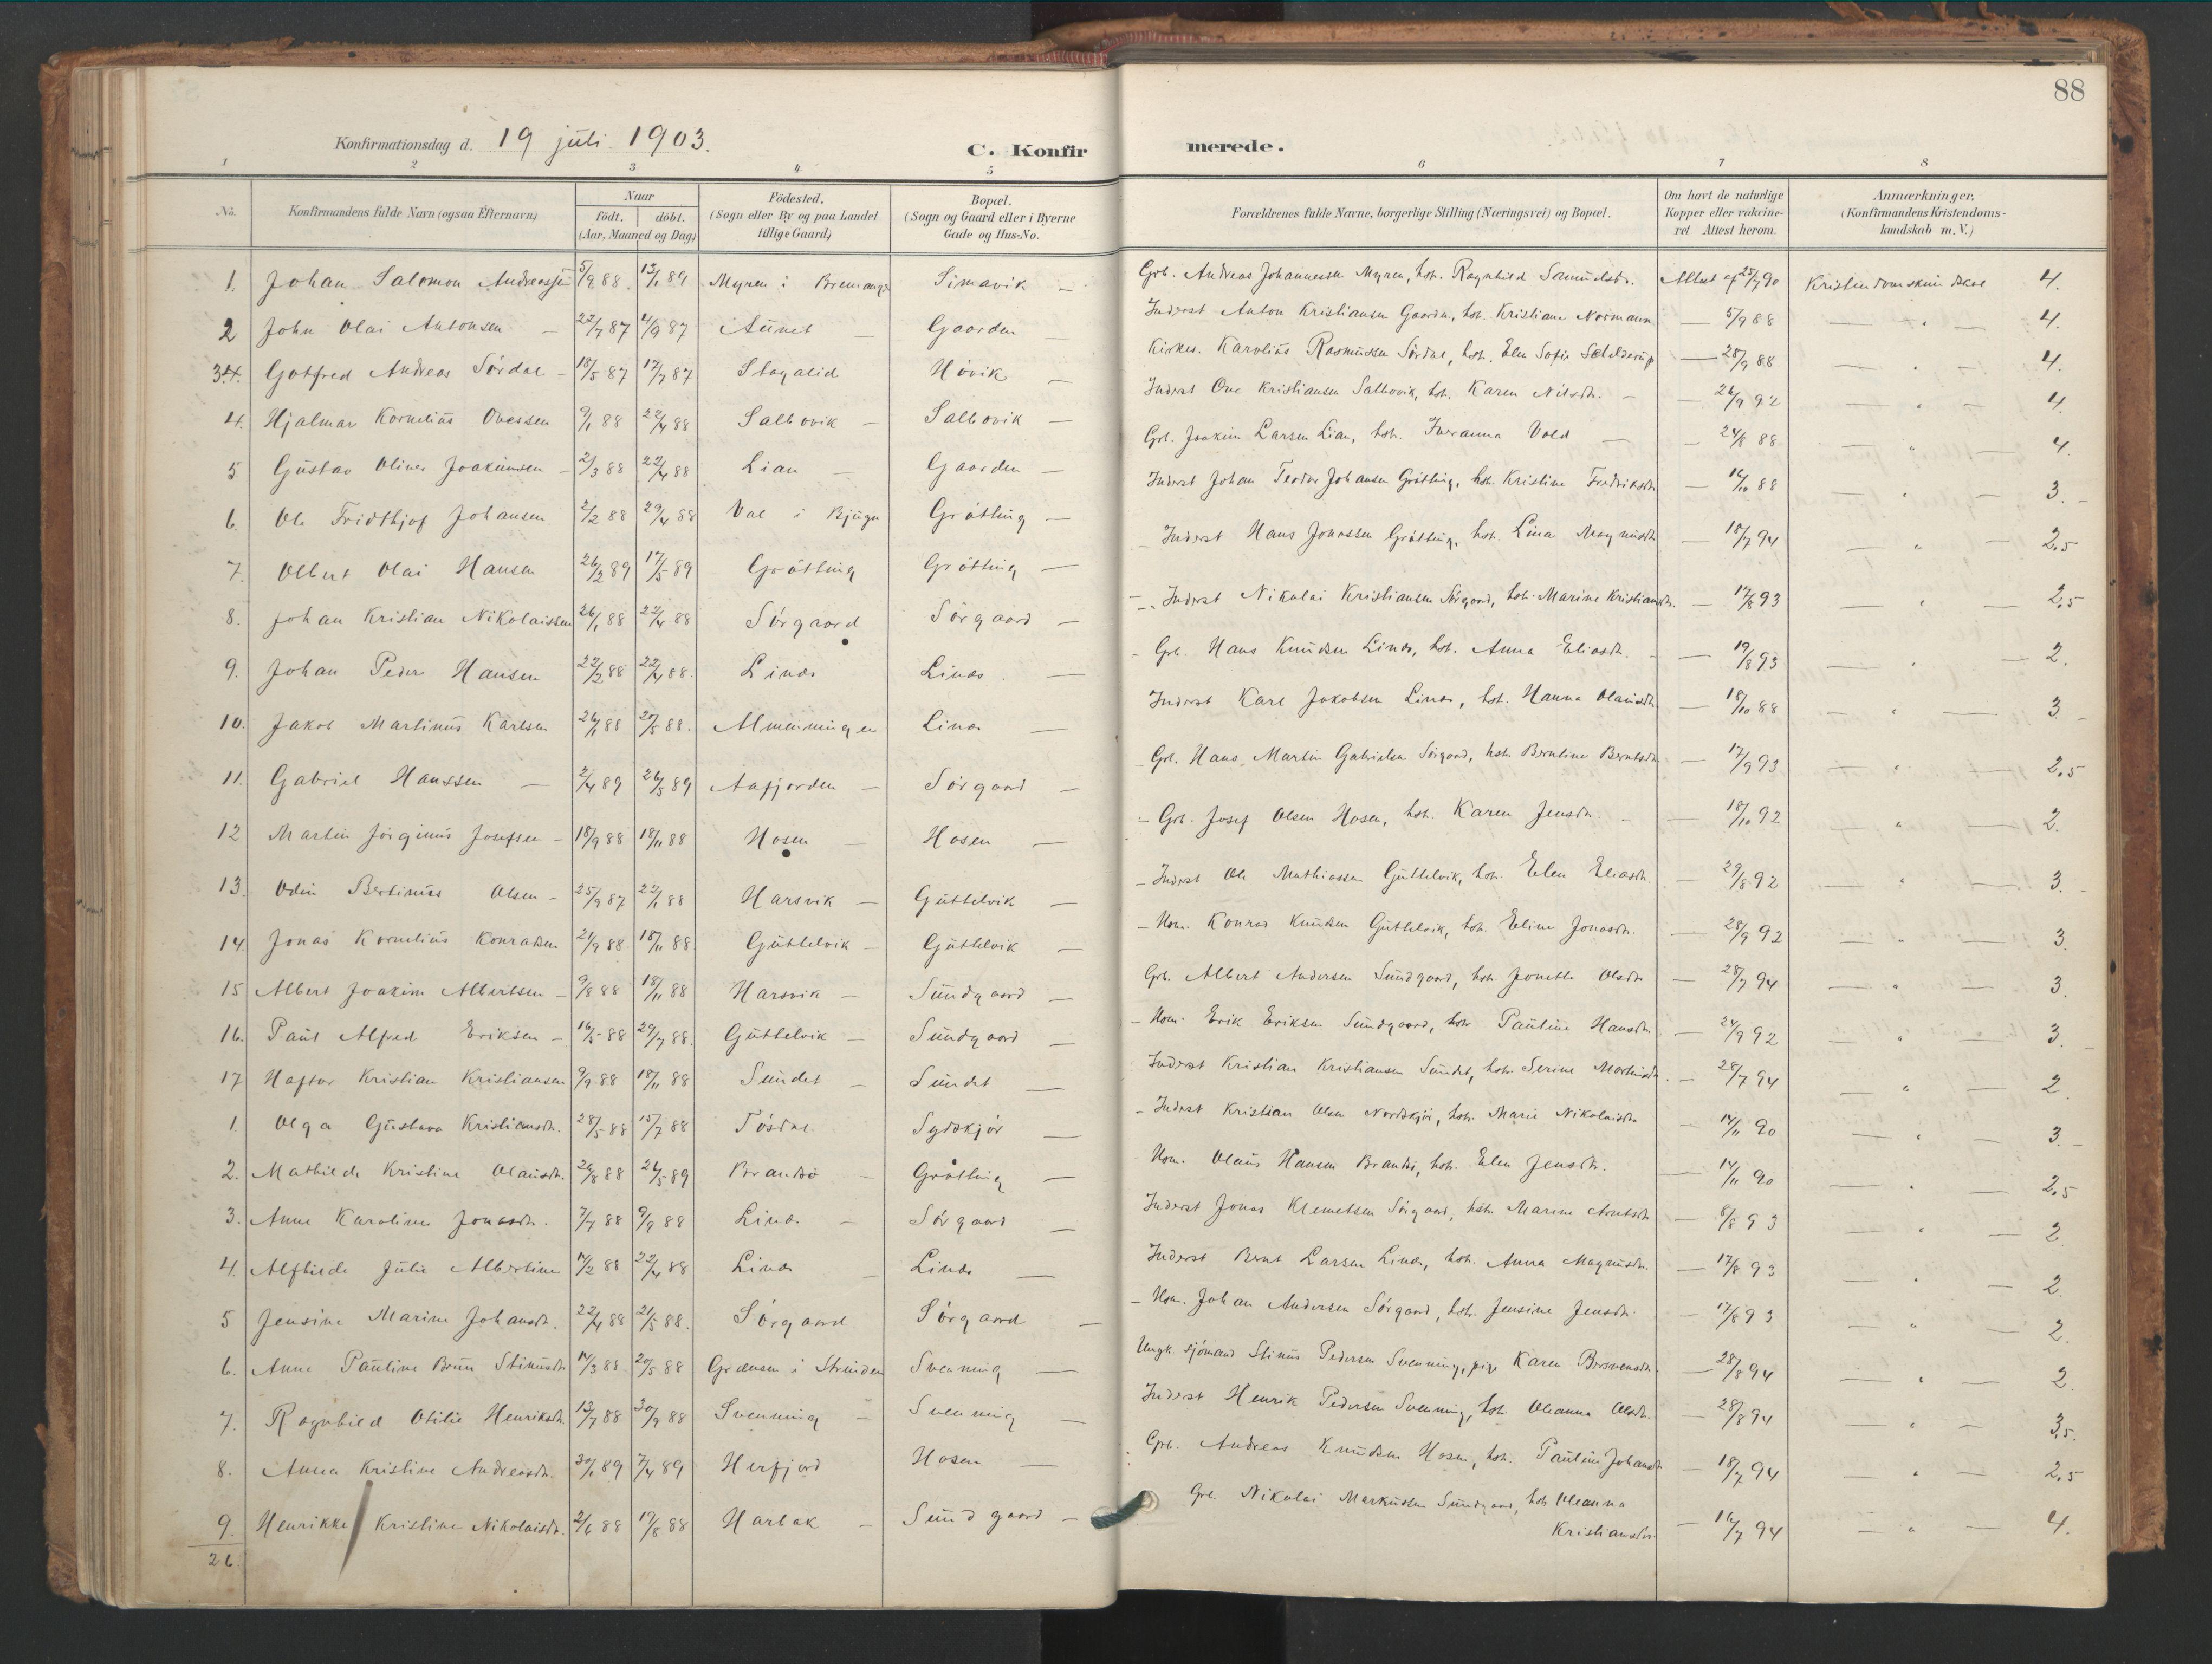 SAT, Ministerialprotokoller, klokkerbøker og fødselsregistre - Sør-Trøndelag, 656/L0693: Ministerialbok nr. 656A02, 1894-1913, s. 88